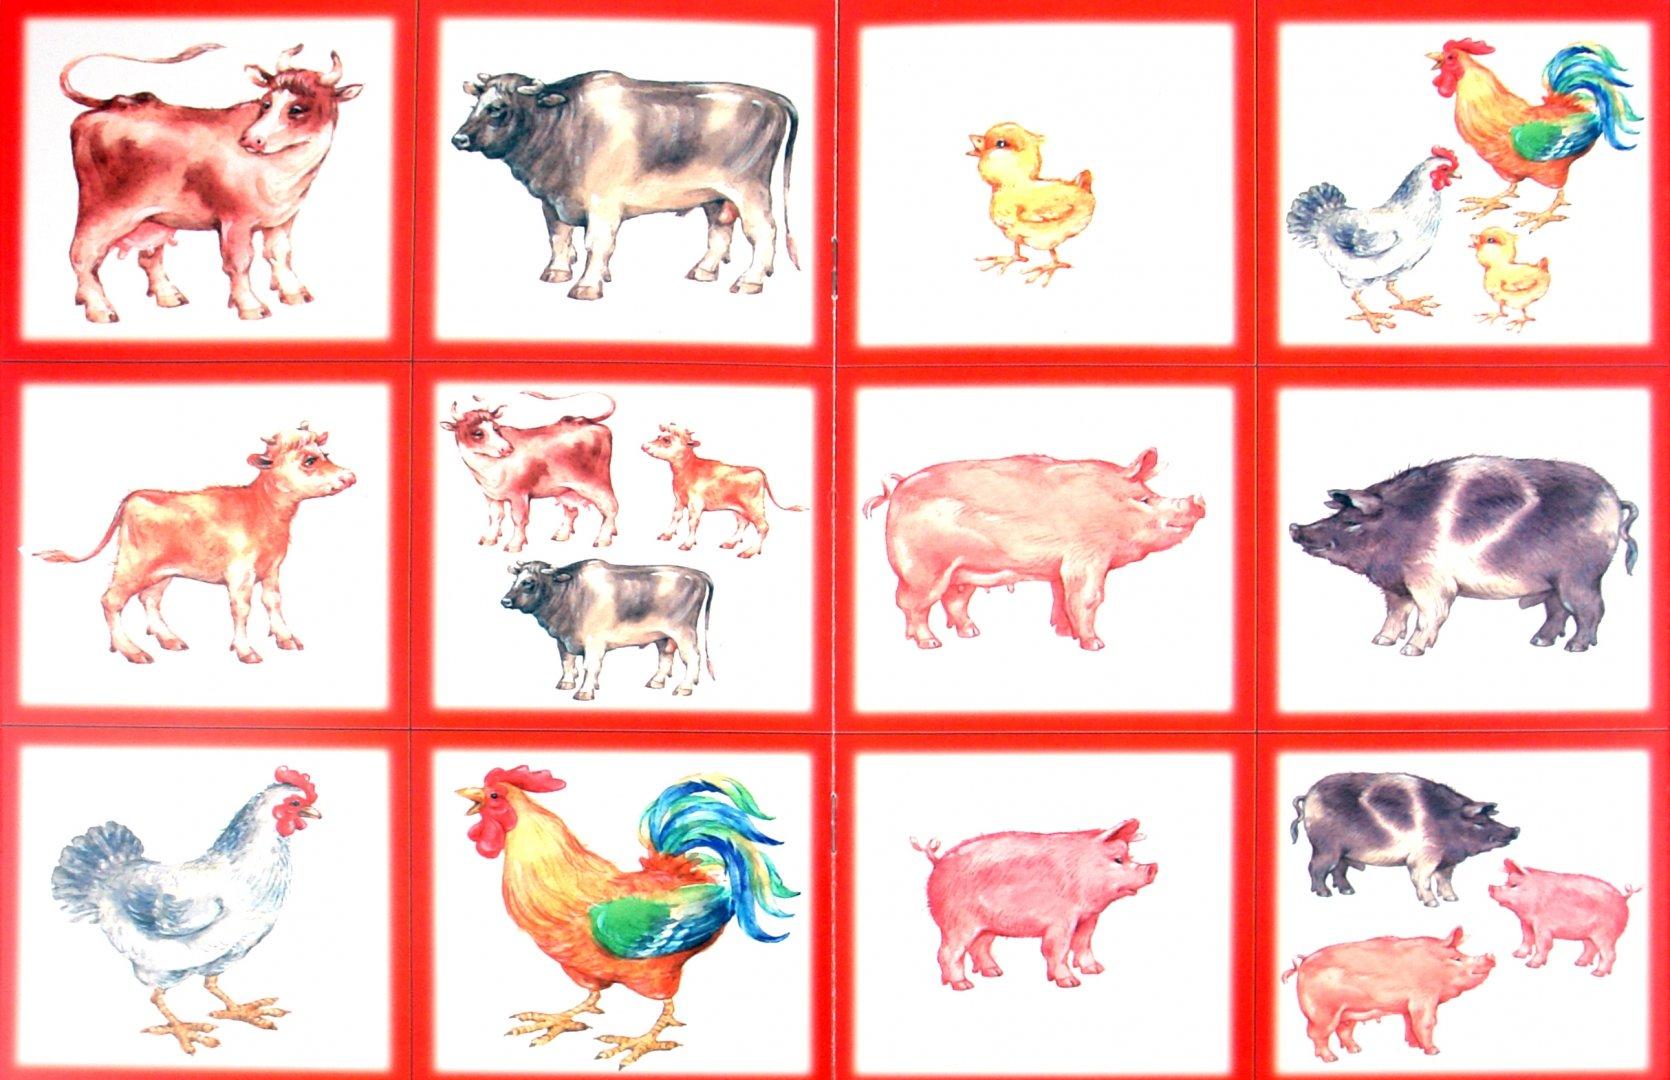 его картинки домашних животных для малышей распечатать желательно готовить вечера